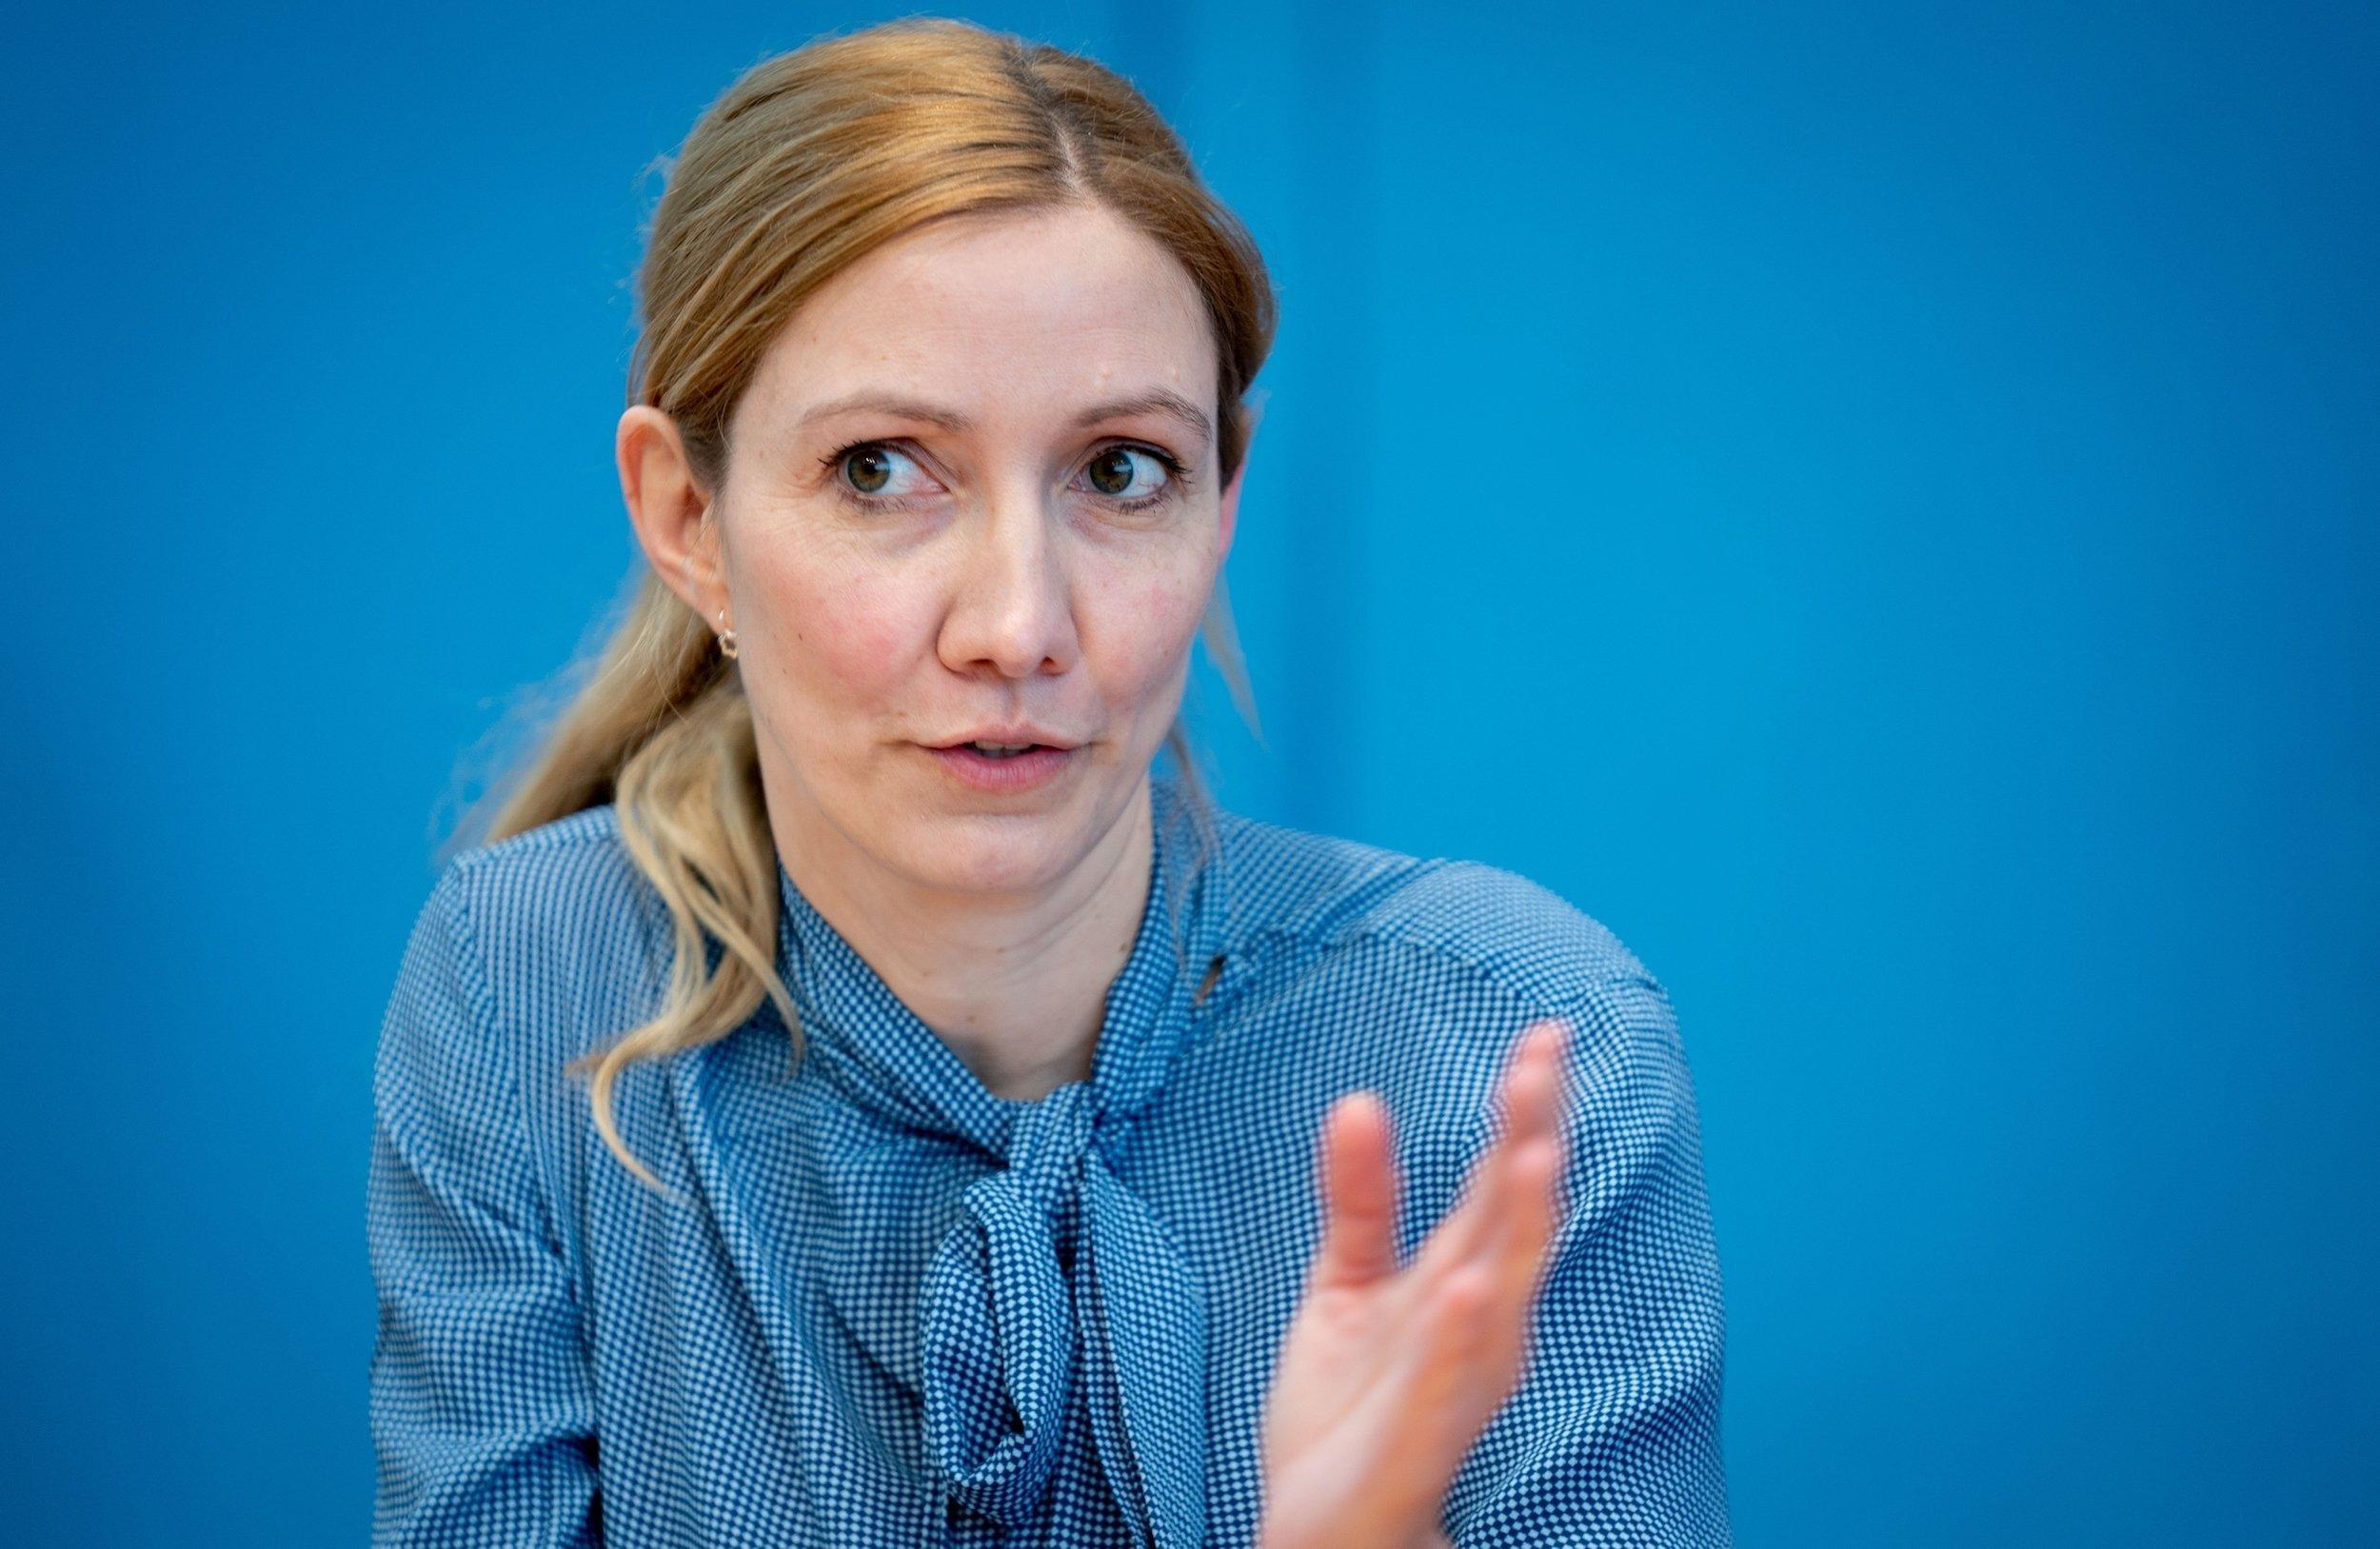 Sandra Ciesek, Direktorin des Instituts für Medizinische Virologie am Universitätsklinikum Frankfurt, gibt in der Bundespressekonferenz eine Pressekonferenz zur Entwicklung der Corona Pandemie.